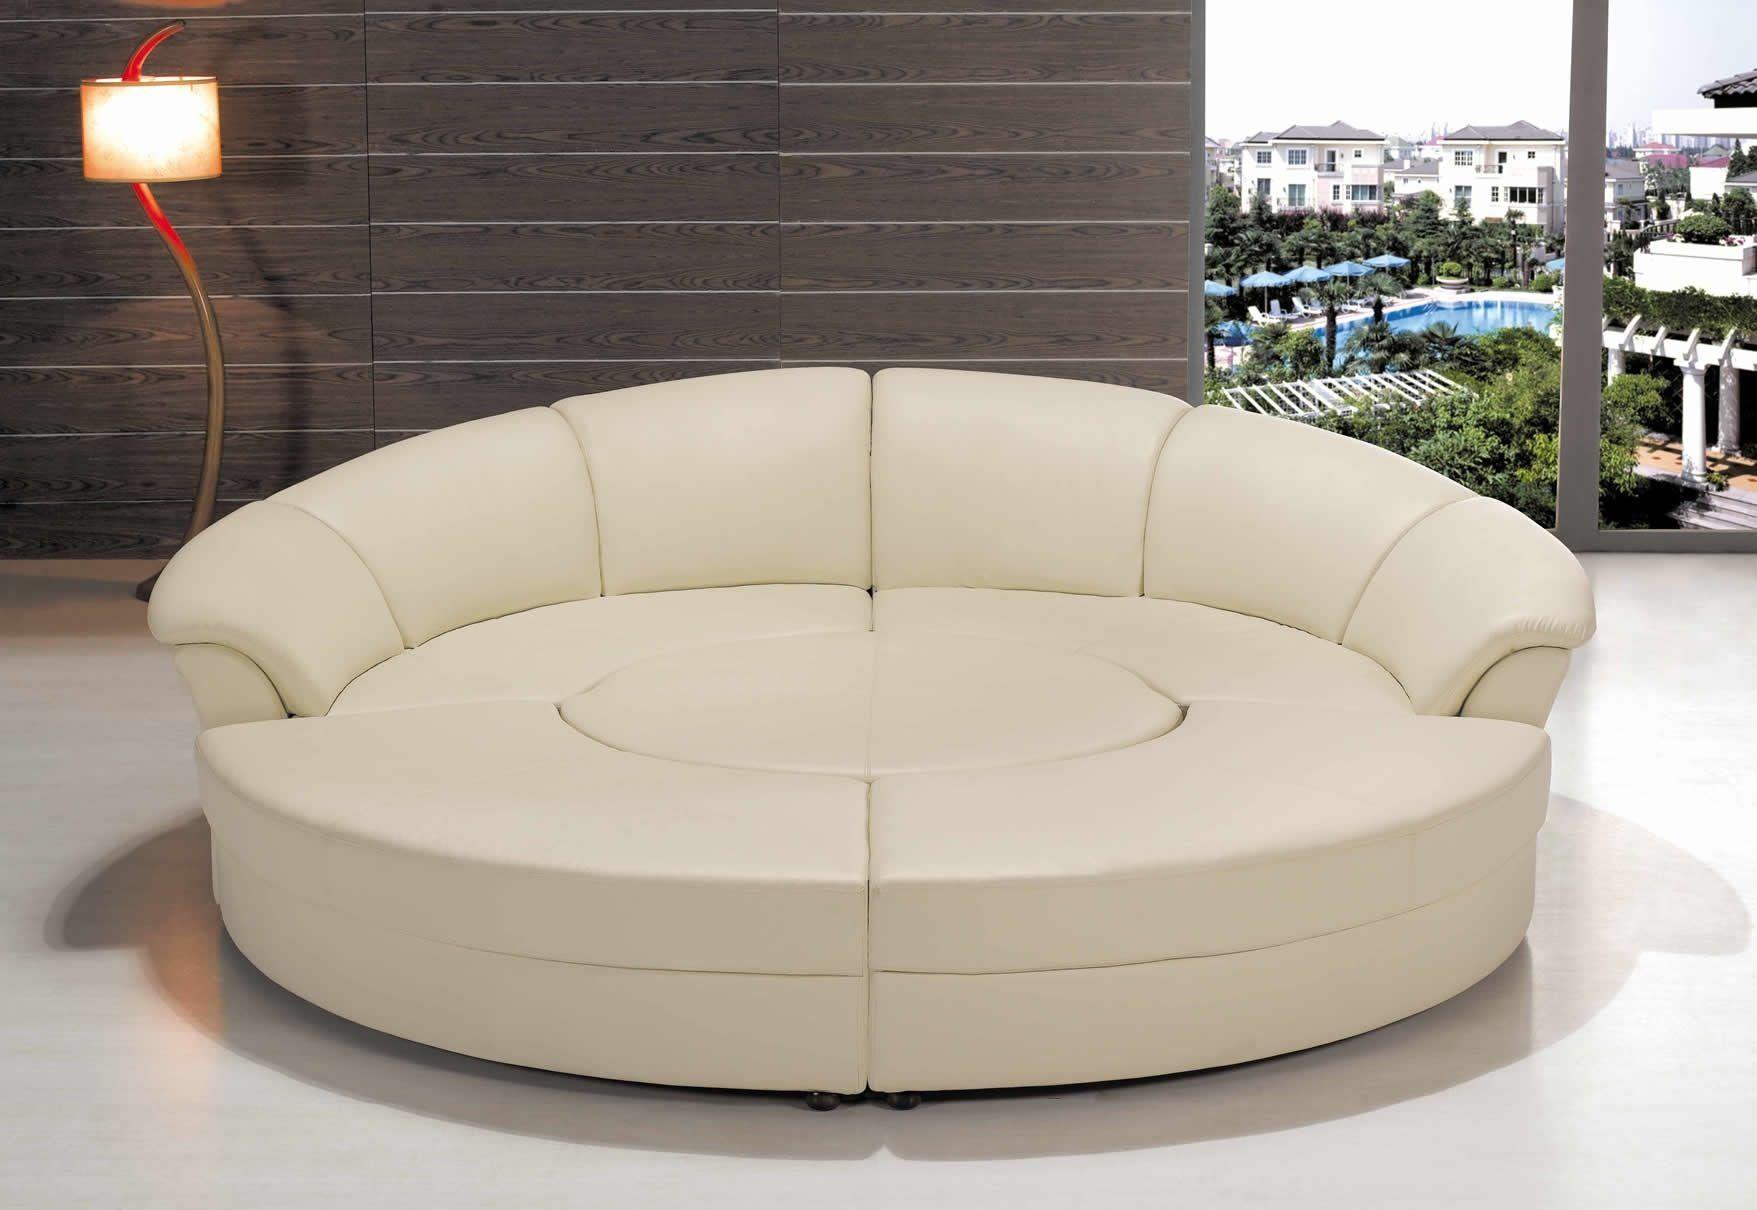 Semi Circular Sofa Uk Round Sofa Round Couch Sofa Design